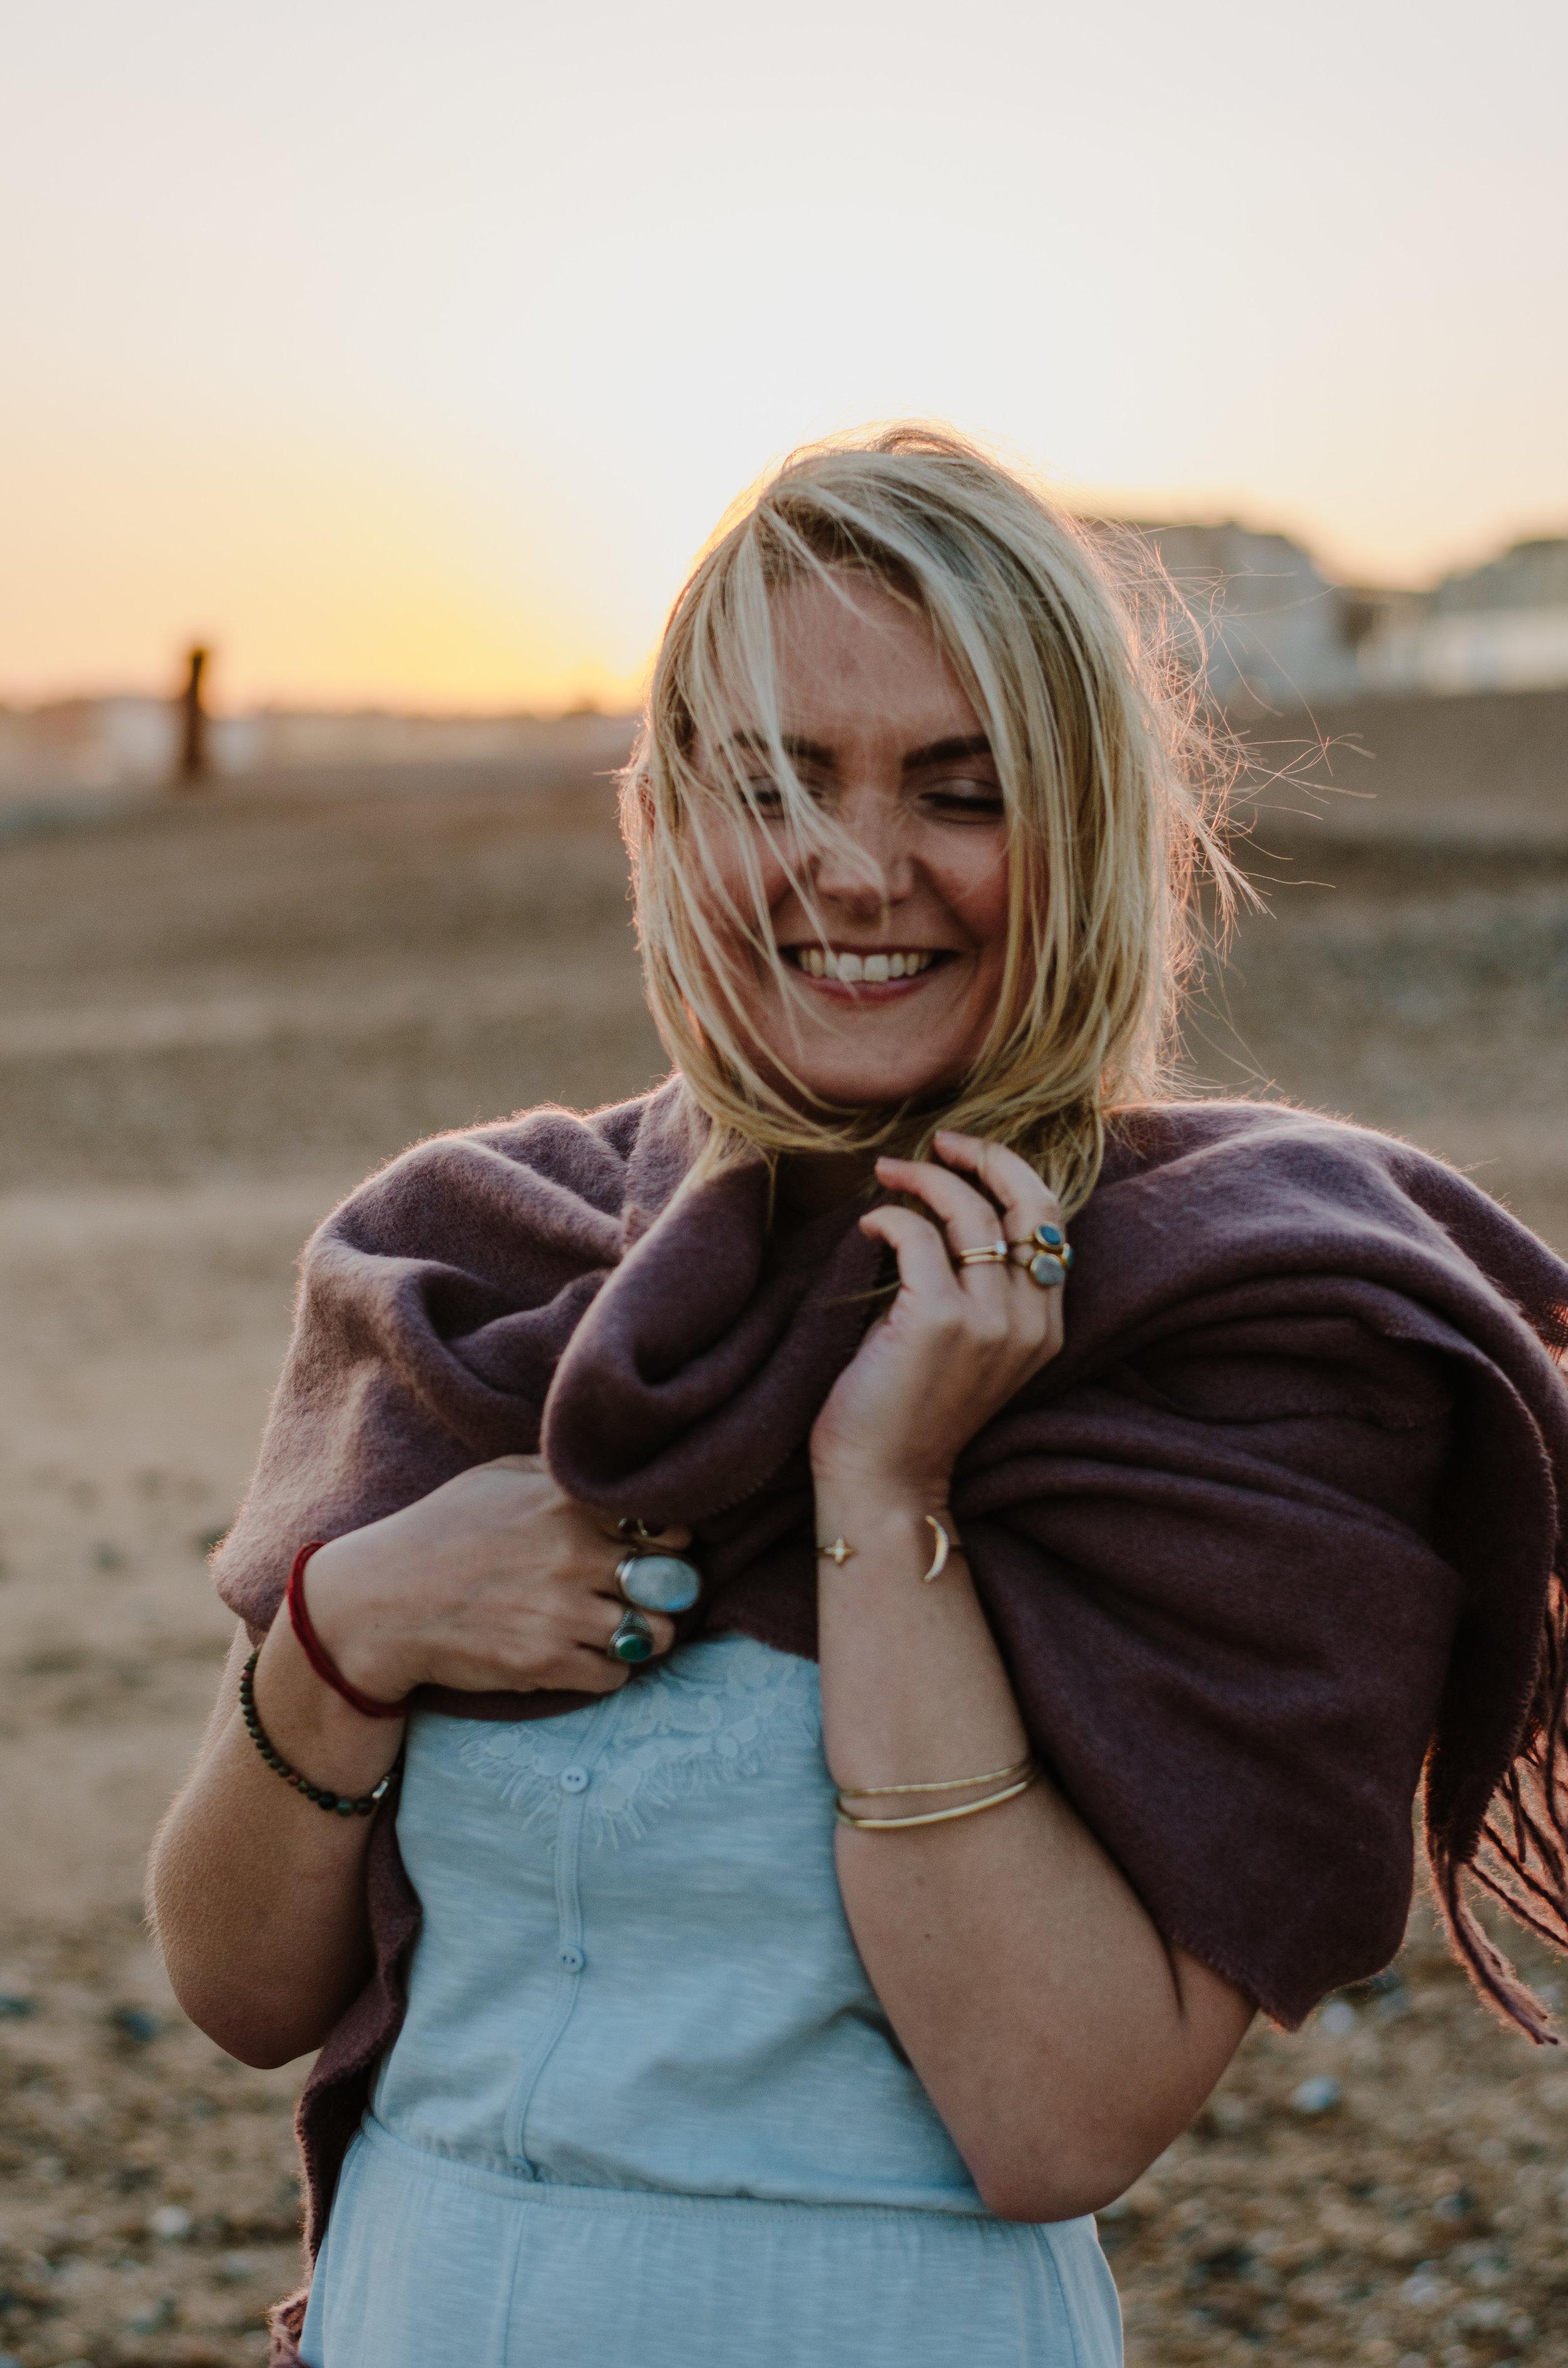 Hannah Portraits by the Sea - Aiste Saulyte Photography-20.jpg